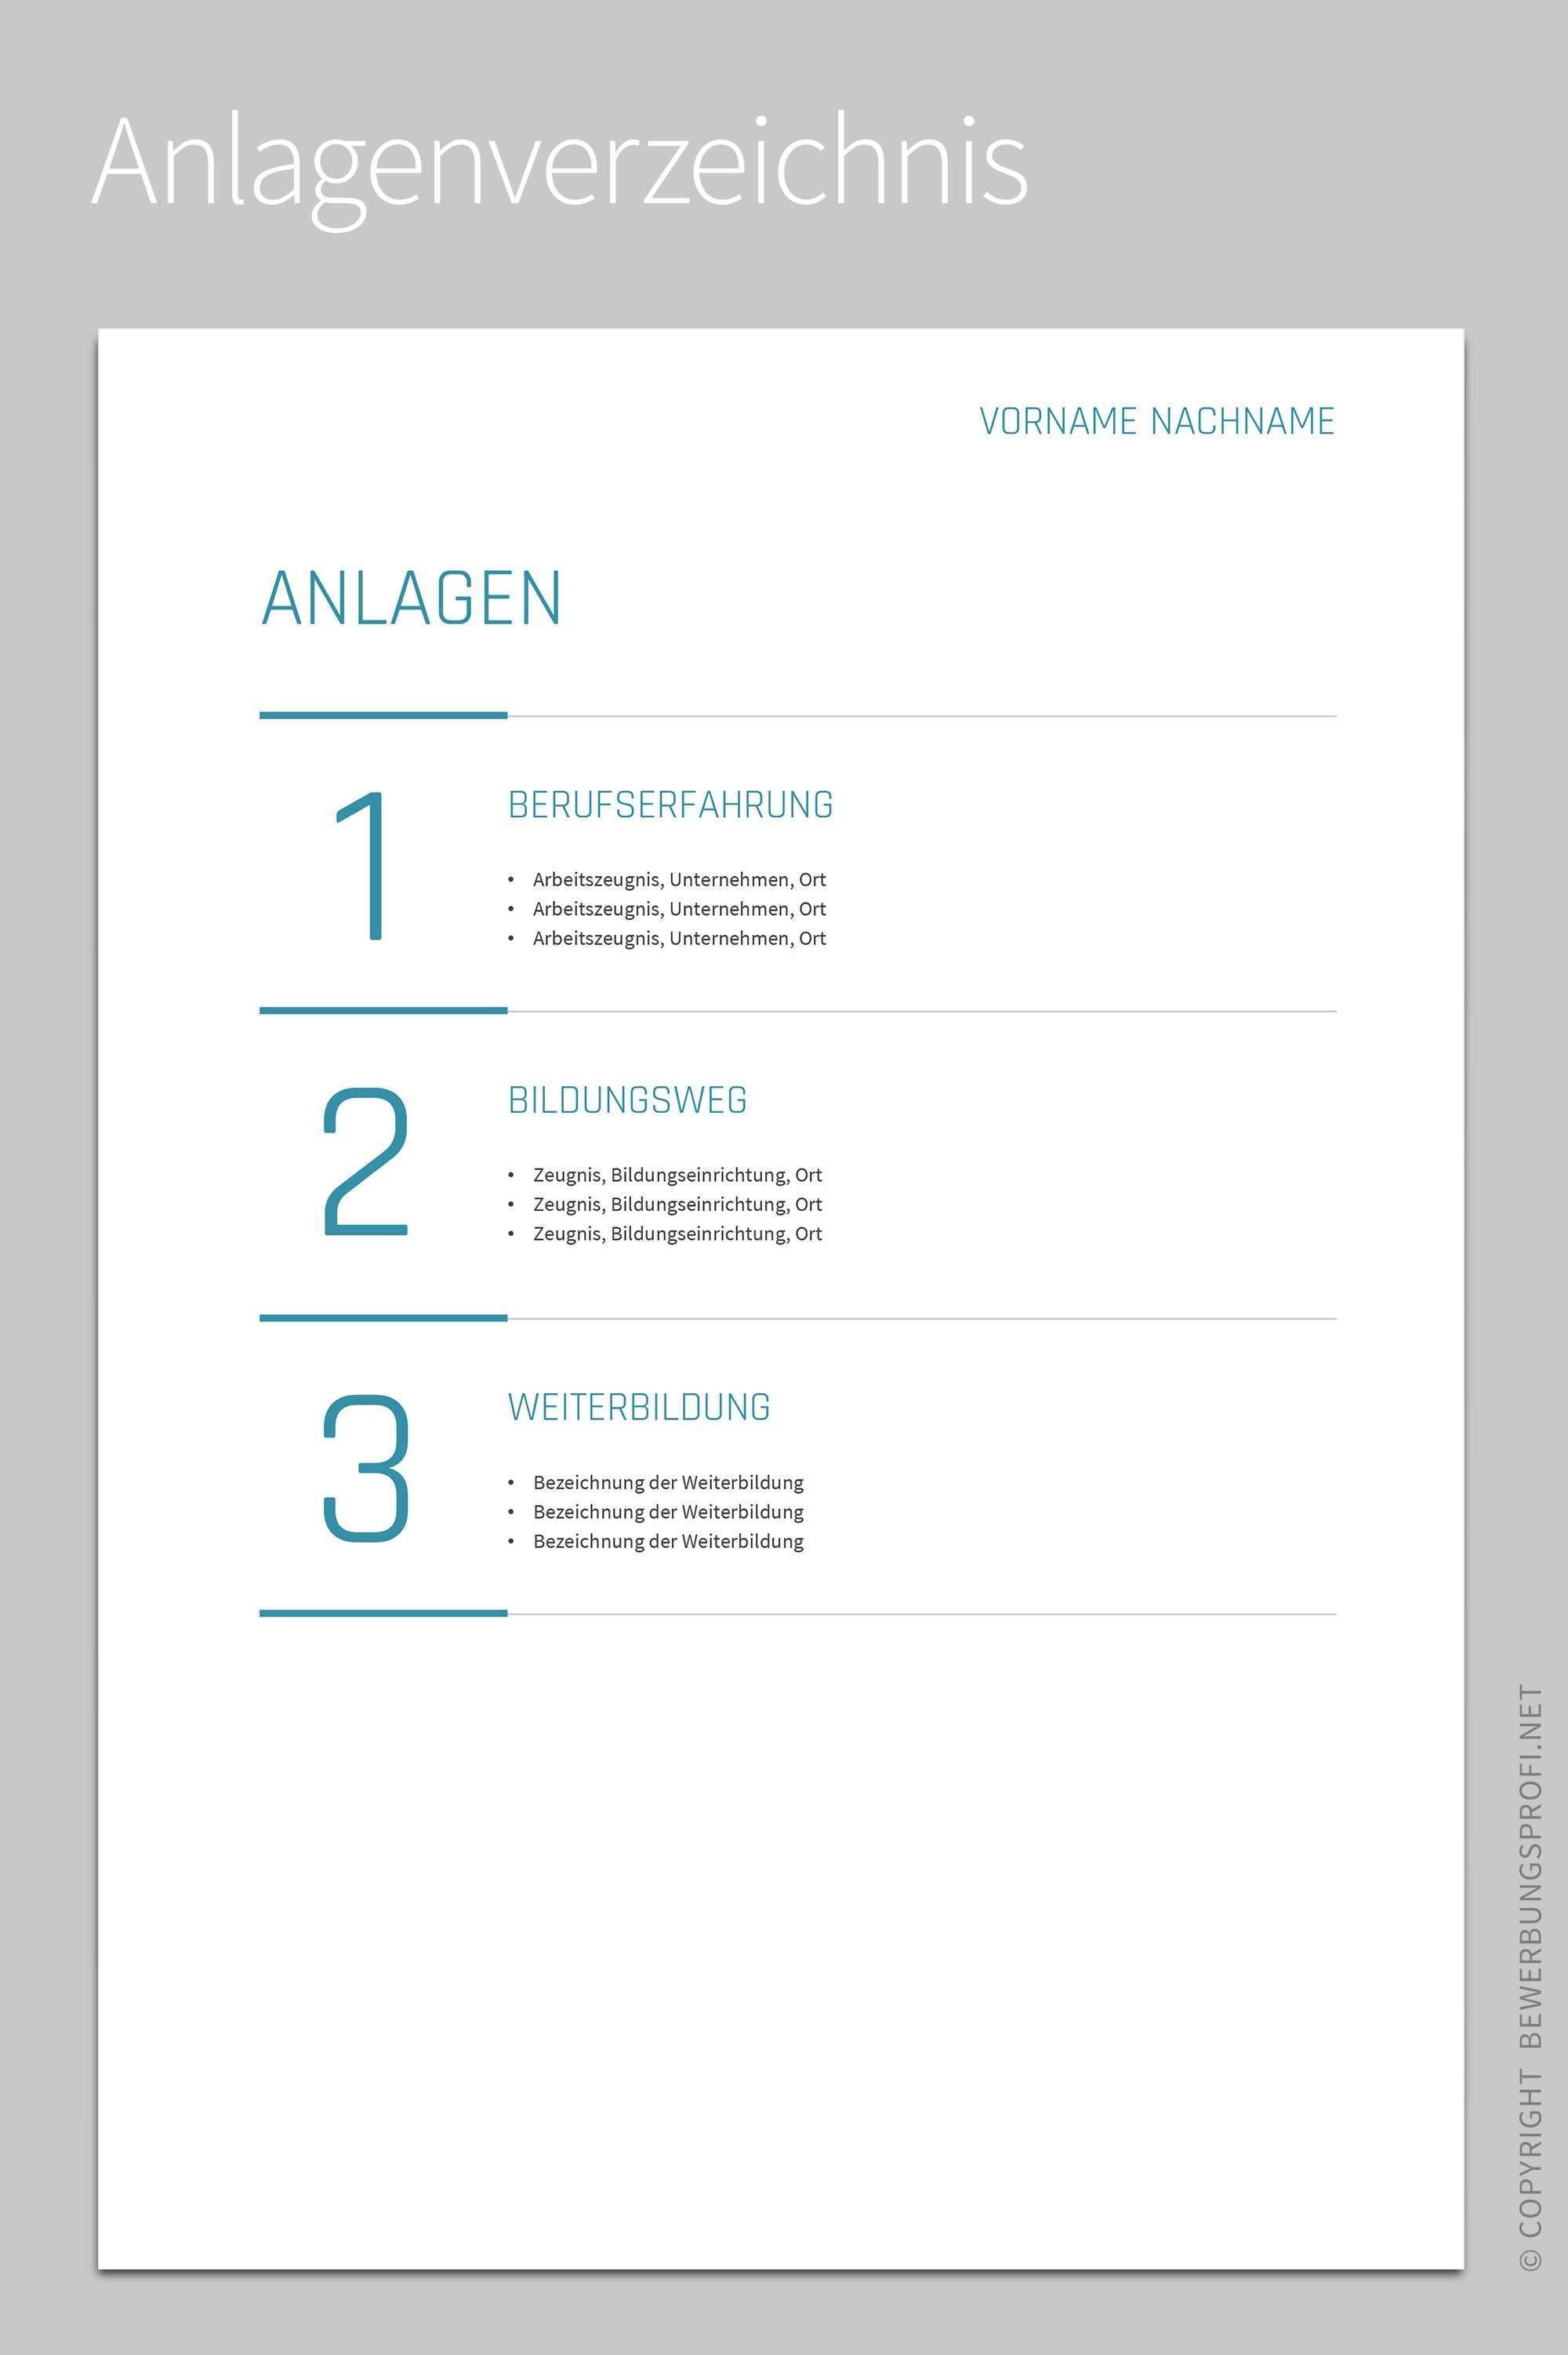 Anlagenverzeichnis Amelio Deckblatt Bewerbung Bewerbung Muster Vorlage Deckblatt Bewerbung